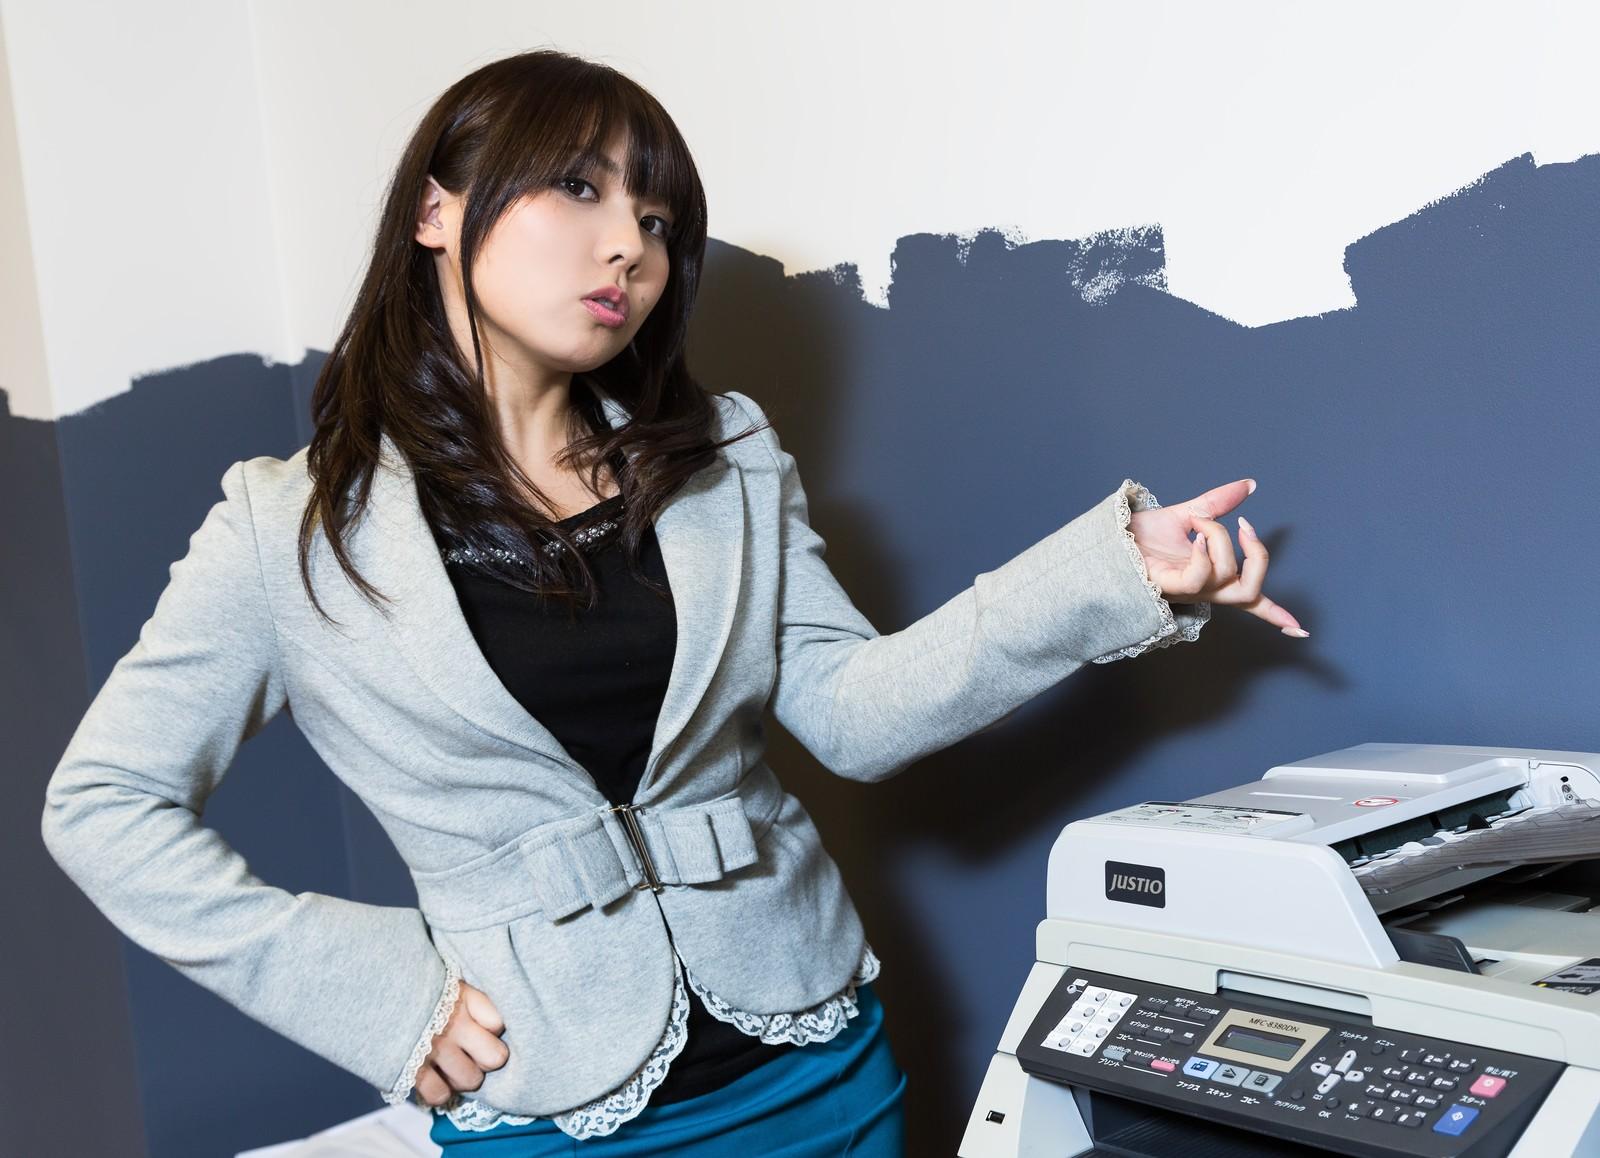 【IoT時代のスター】組み込みプログラマーの年収ってどのくらいなの?